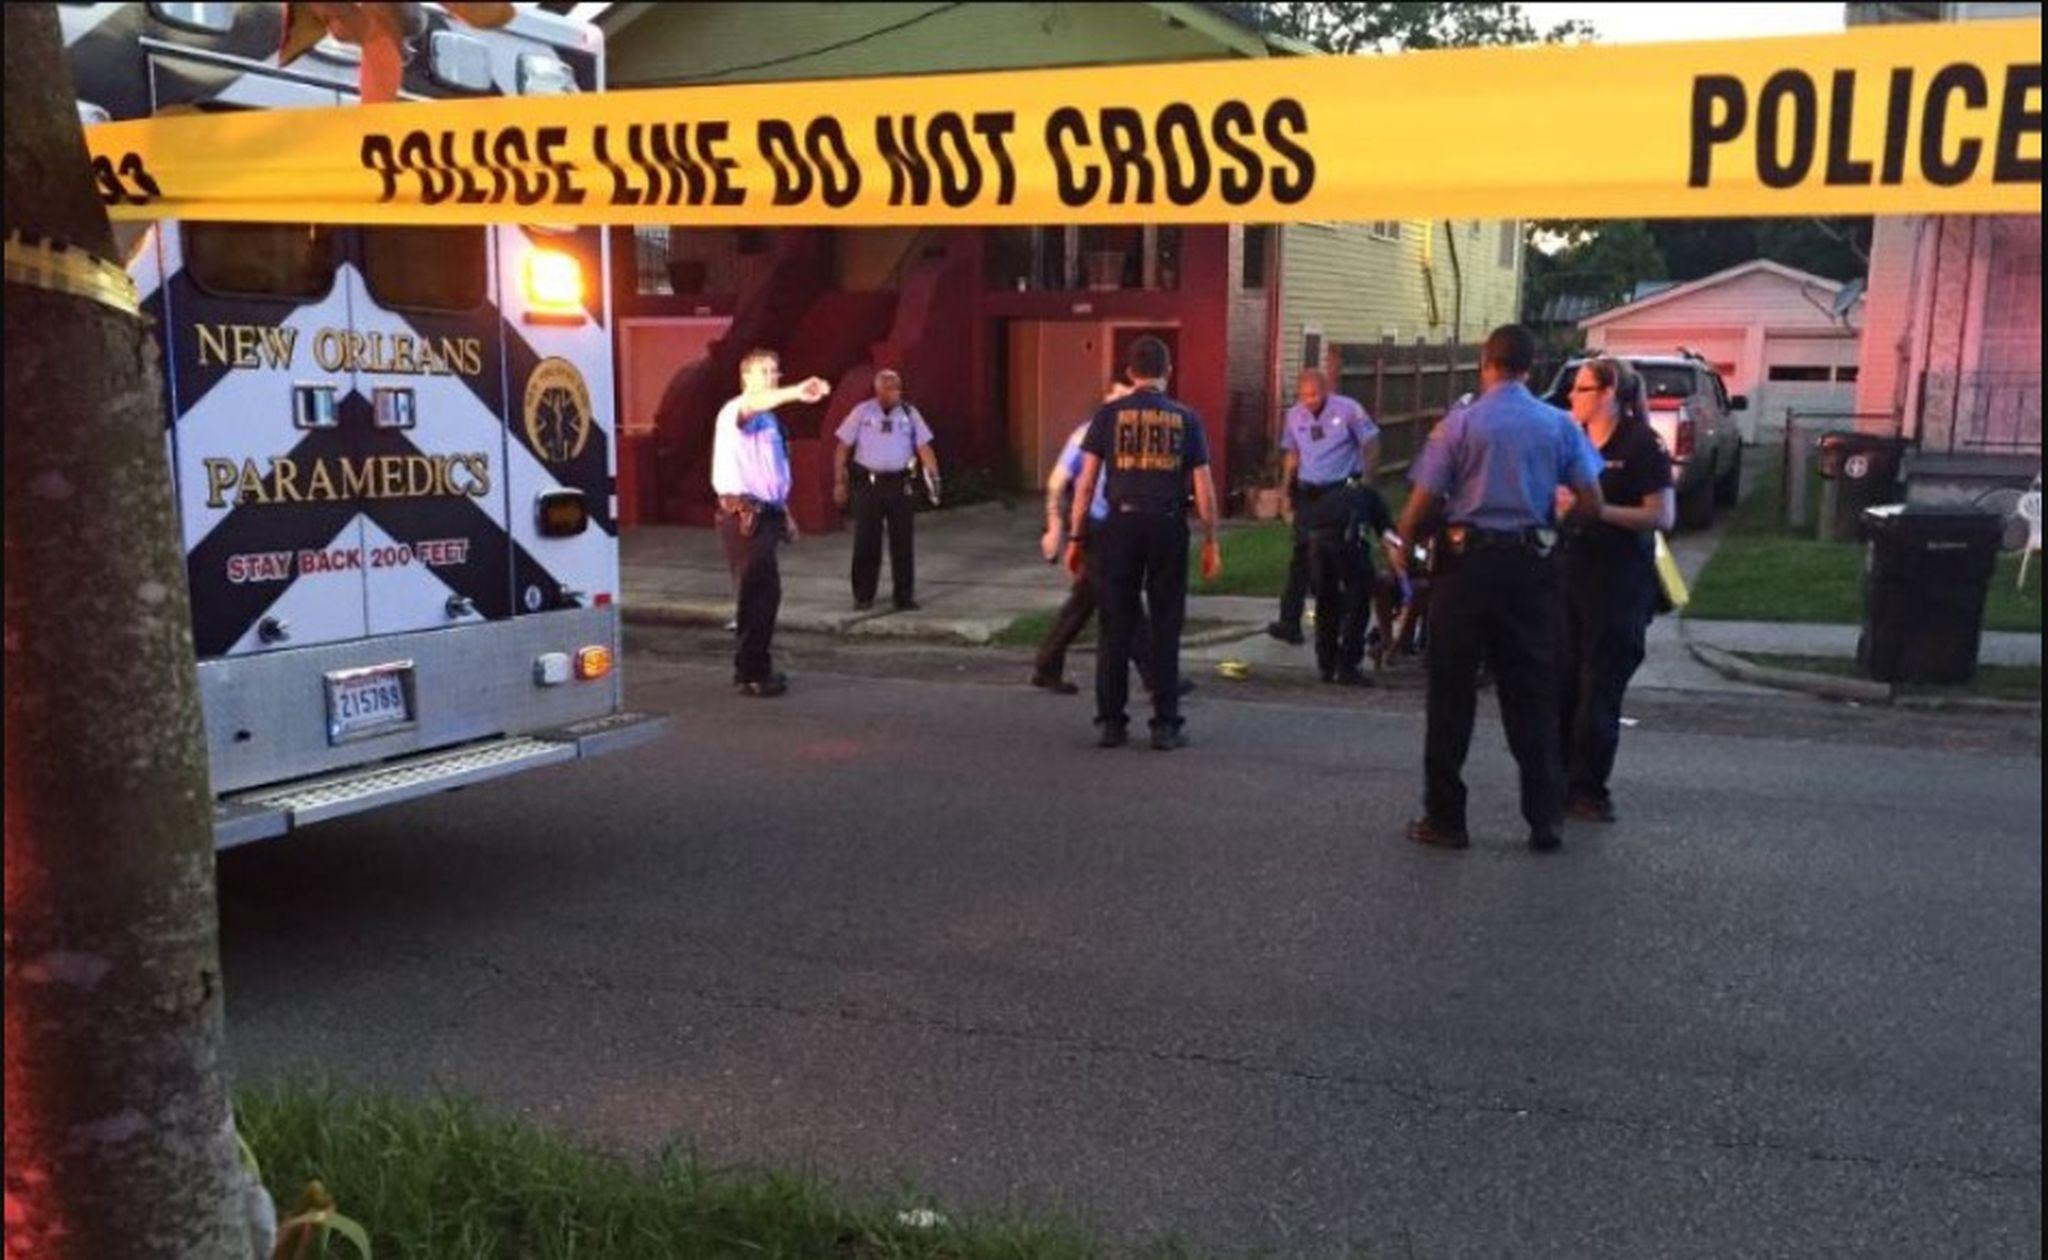 FullSizeRender47 L' Ambulancier : le site de référence EMS Nouvelle Orléans - Un ambulancier parmi les paramedics